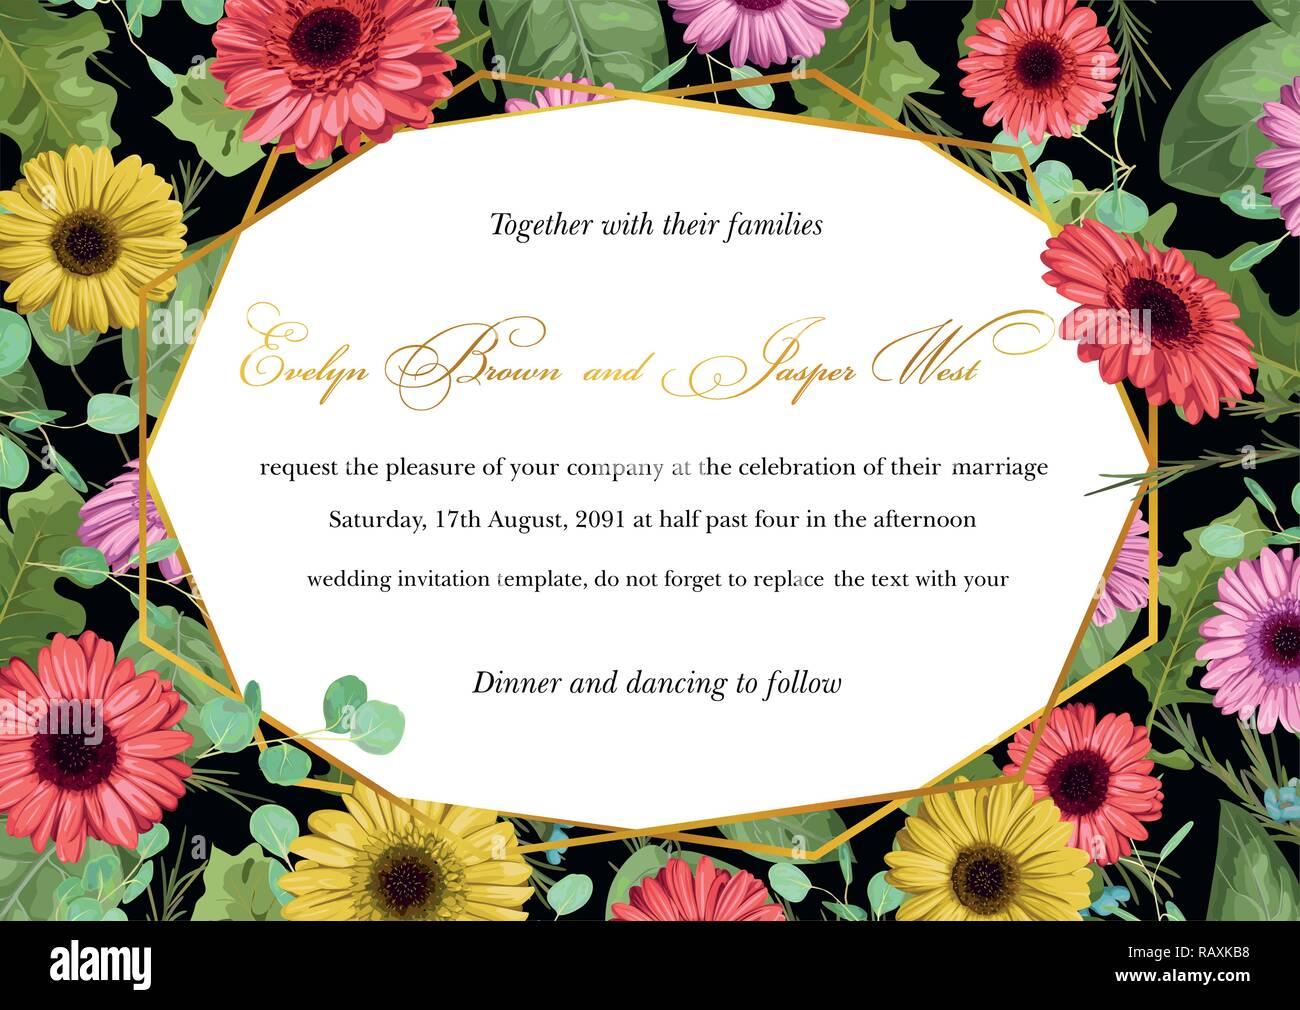 Hochzeit einladung postkarte grußkarte etiketten banner flyer vector illustration aquarell vielfarbigen gerbera blumen mit eukalyptus blätter